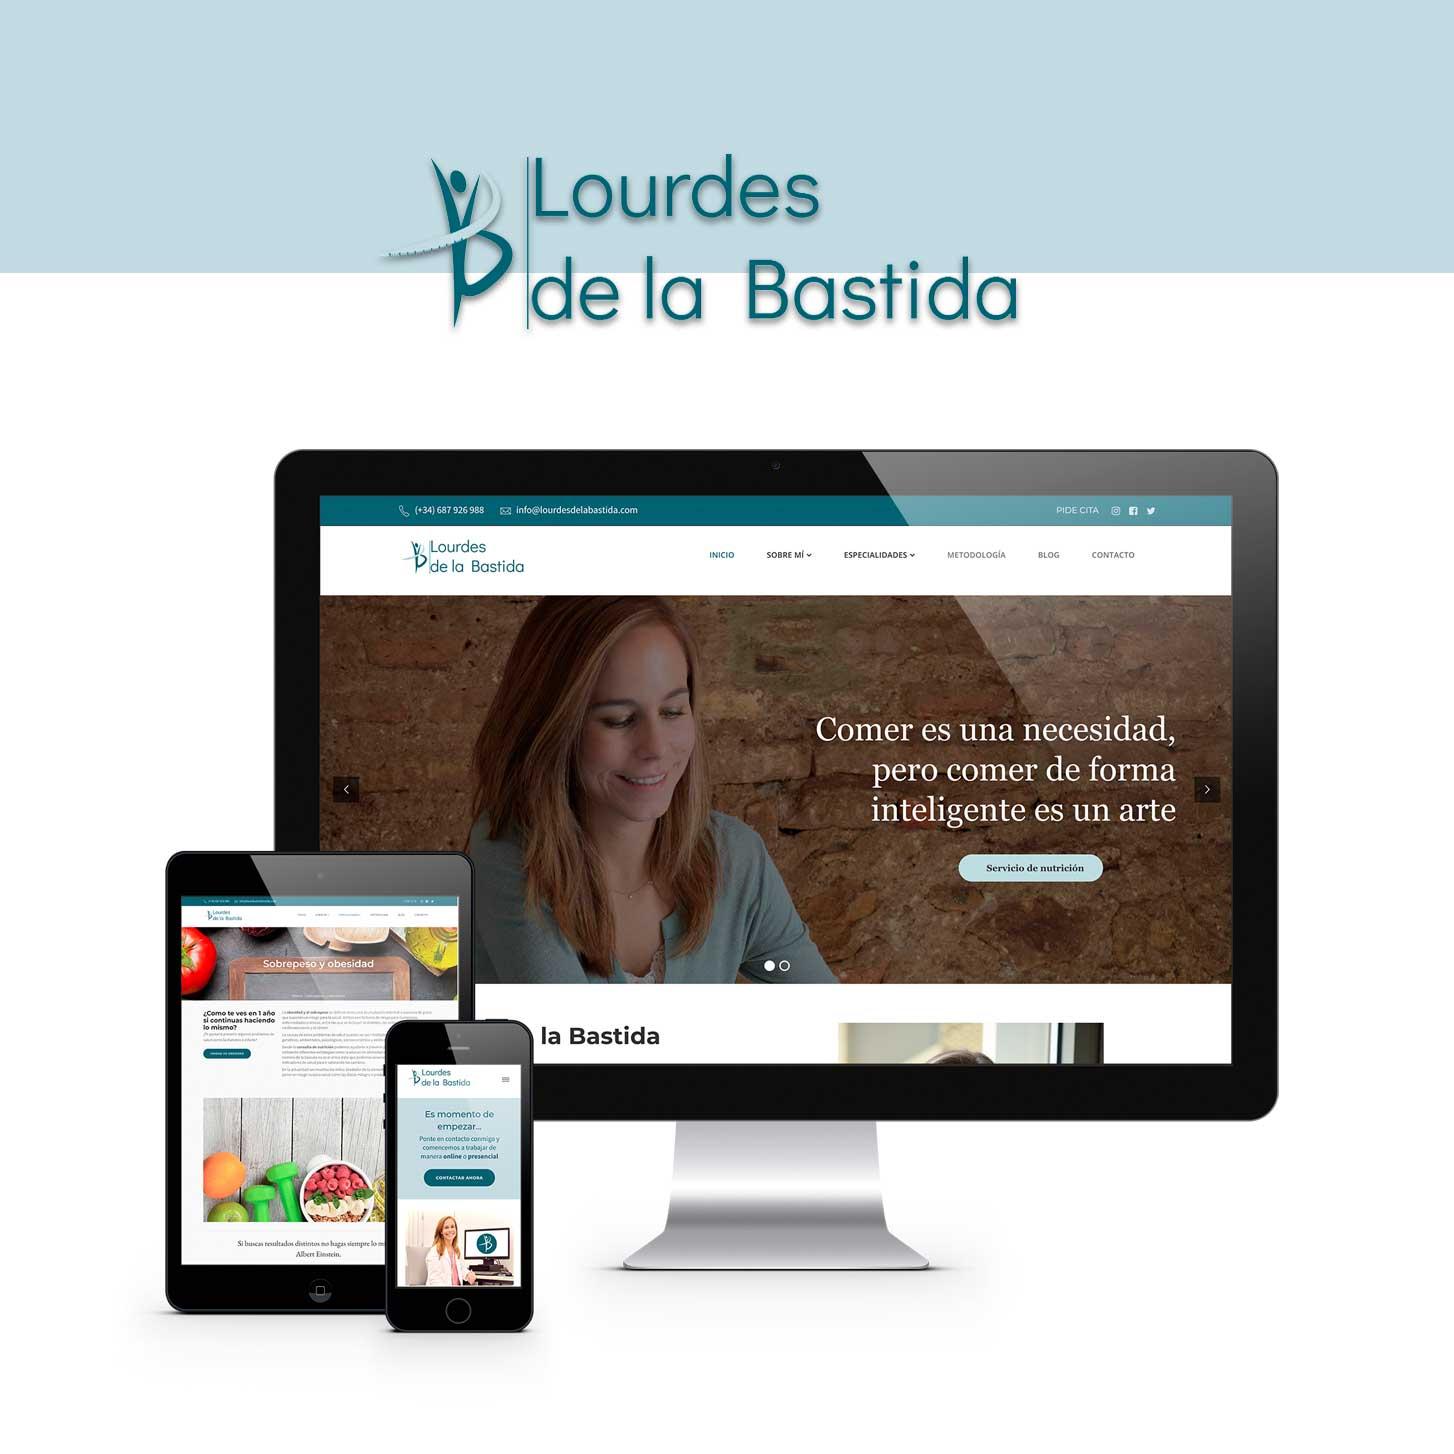 Lourdes de la Bastida